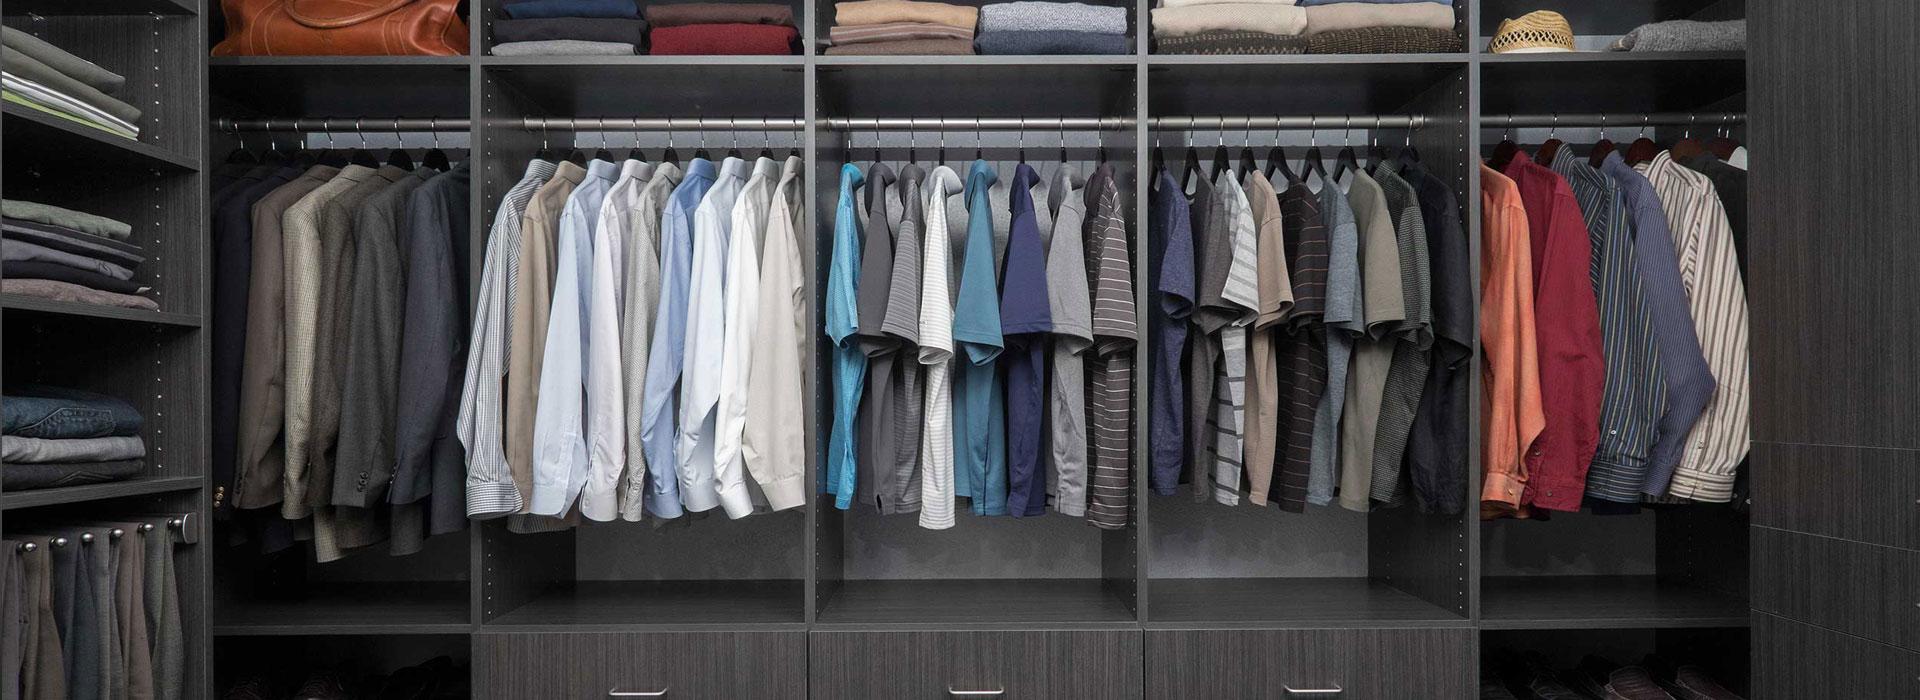 Custom Closets Design Install Nashville Tennessee